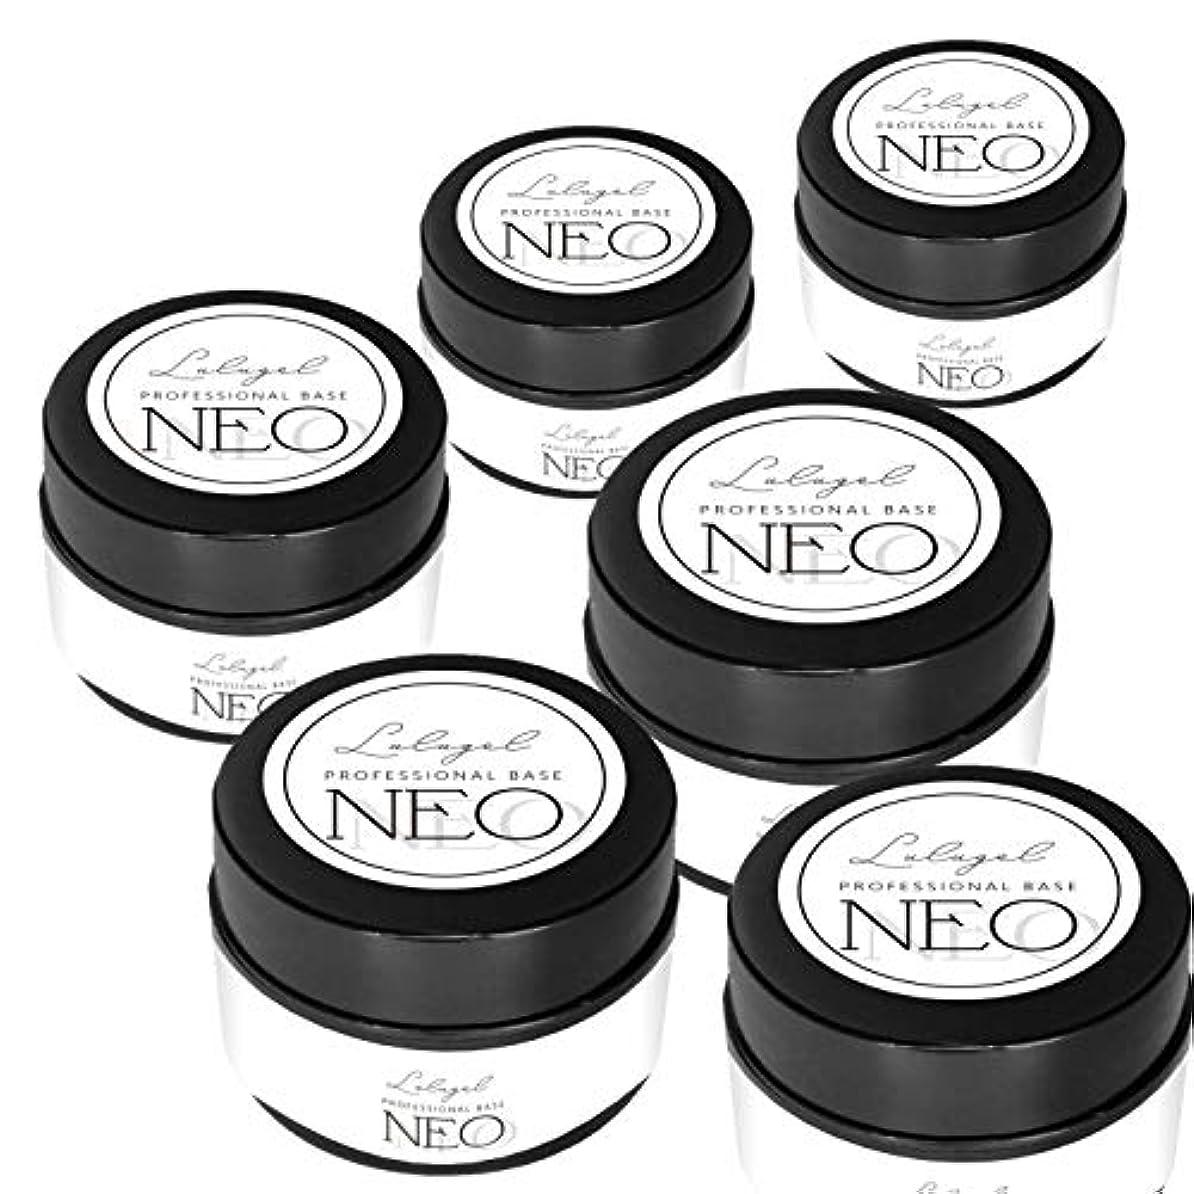 きゅうり髄取り出す最新 ジェルネイル LULUGEL NEO プロフェッショナル ベース 15g 爪用化粧料 (6個)